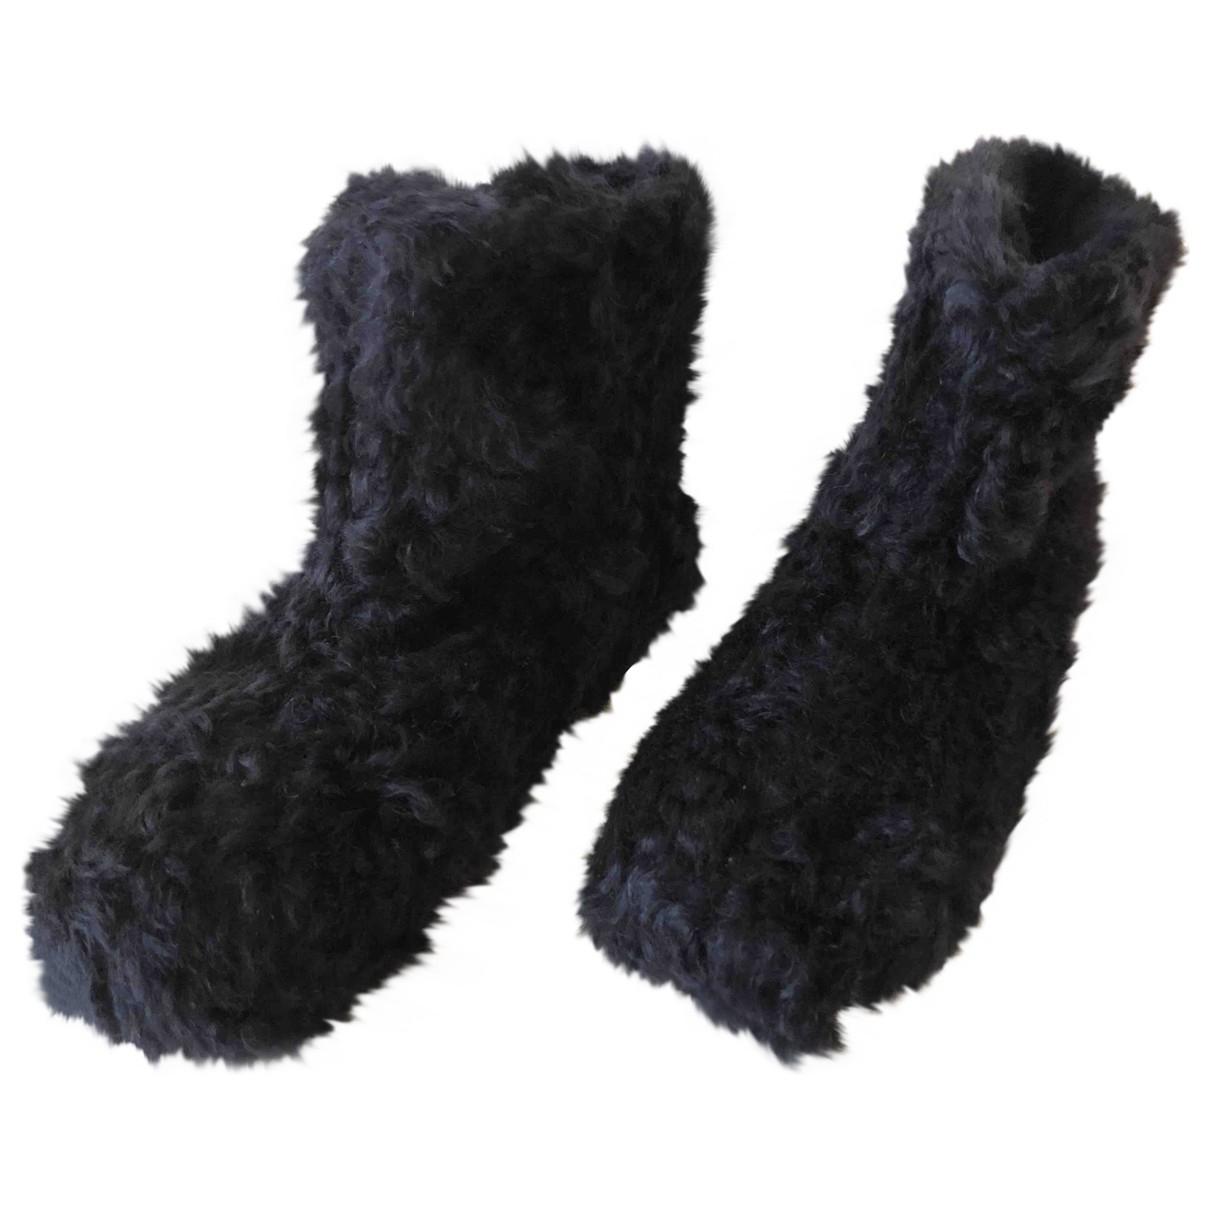 Miu Miu - Boots   pour femme en fourrure synthetique - noir